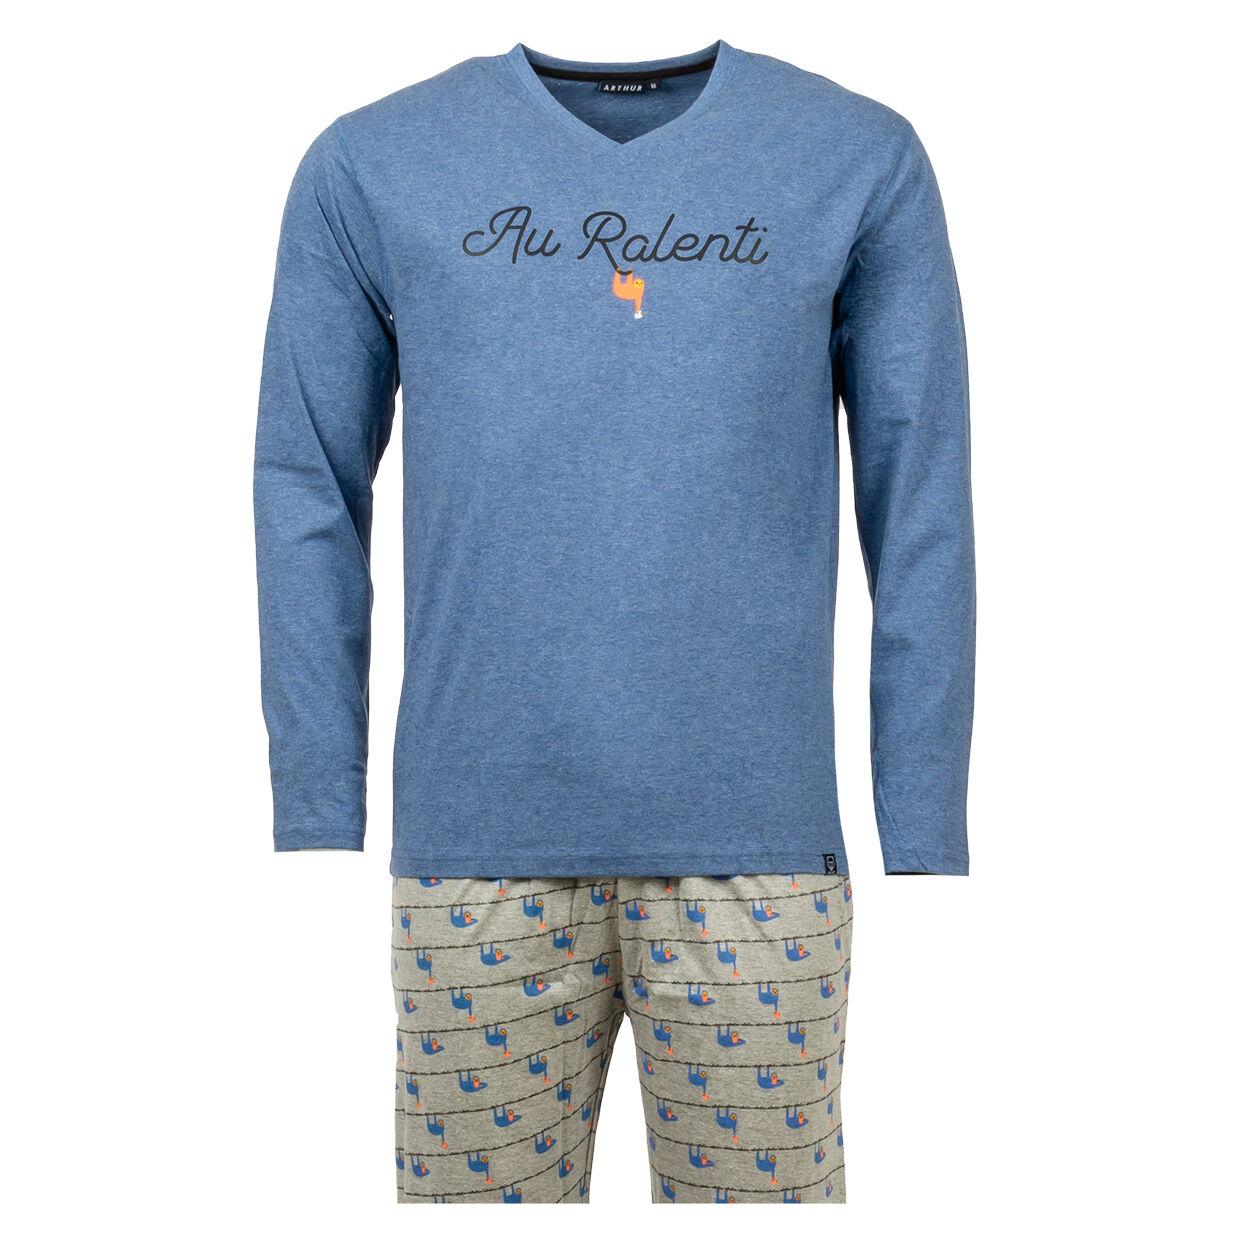 Arthur Pyjama long Arthur Ralenti en coton bio : tee-shirt manches longues col V bleu chiné floqué et pantalon gris imprimé de paresseux bleus - GRIS BLEU - L